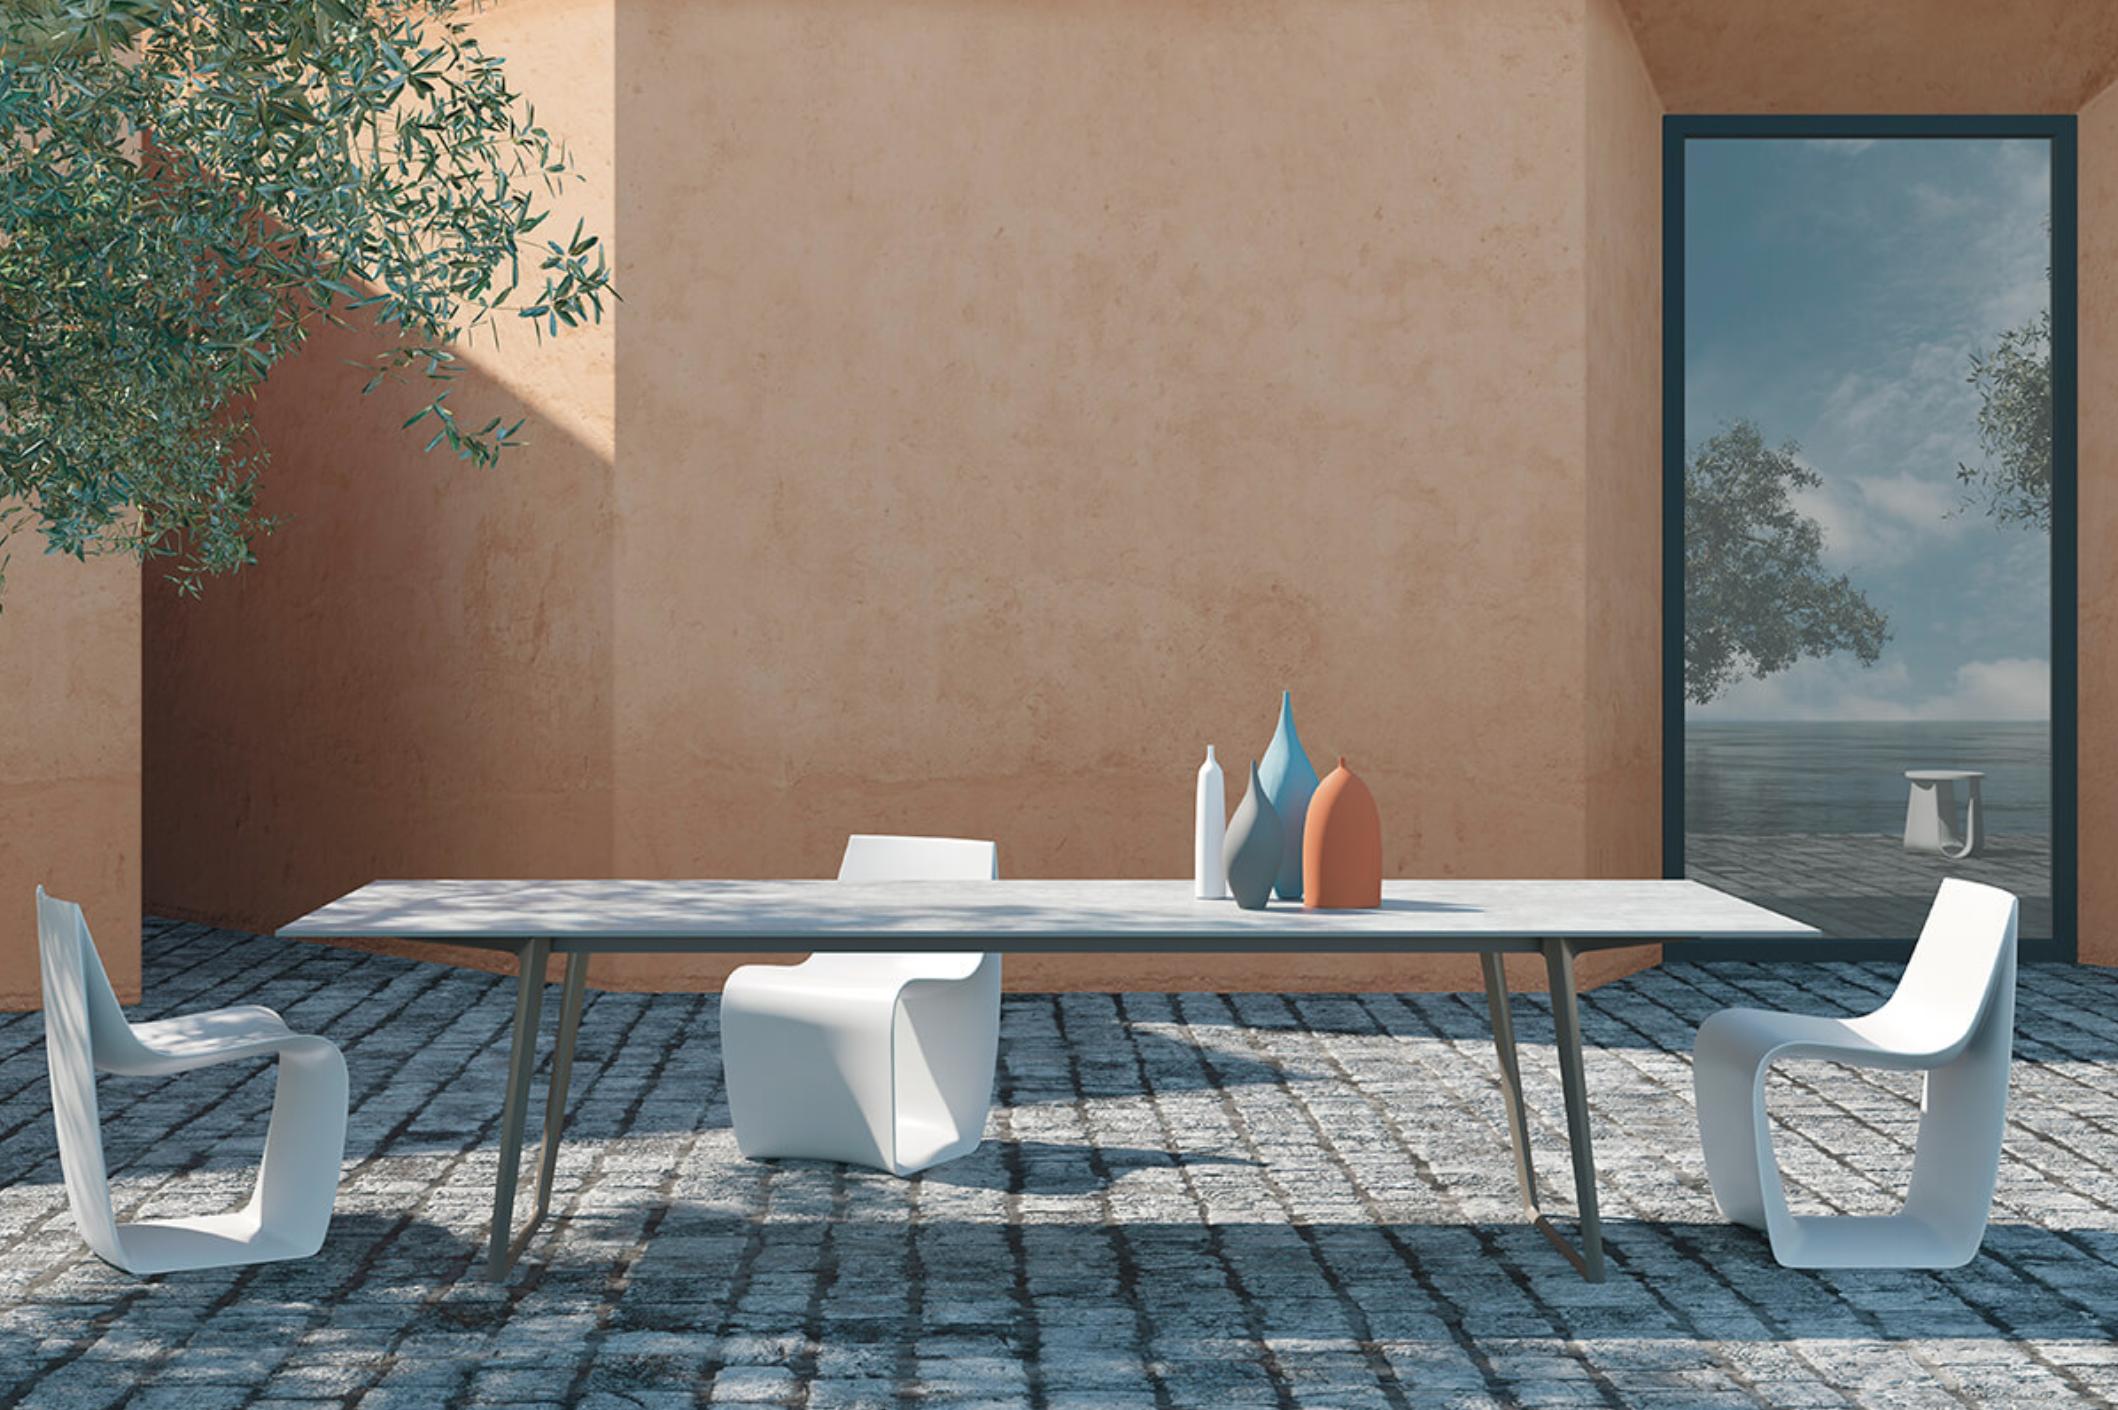 Axy MDF Italie bij design meubelwinkel  in Leuven Hasselt Limburg Brabant Zoutleeuw  design tafel outdoor.png